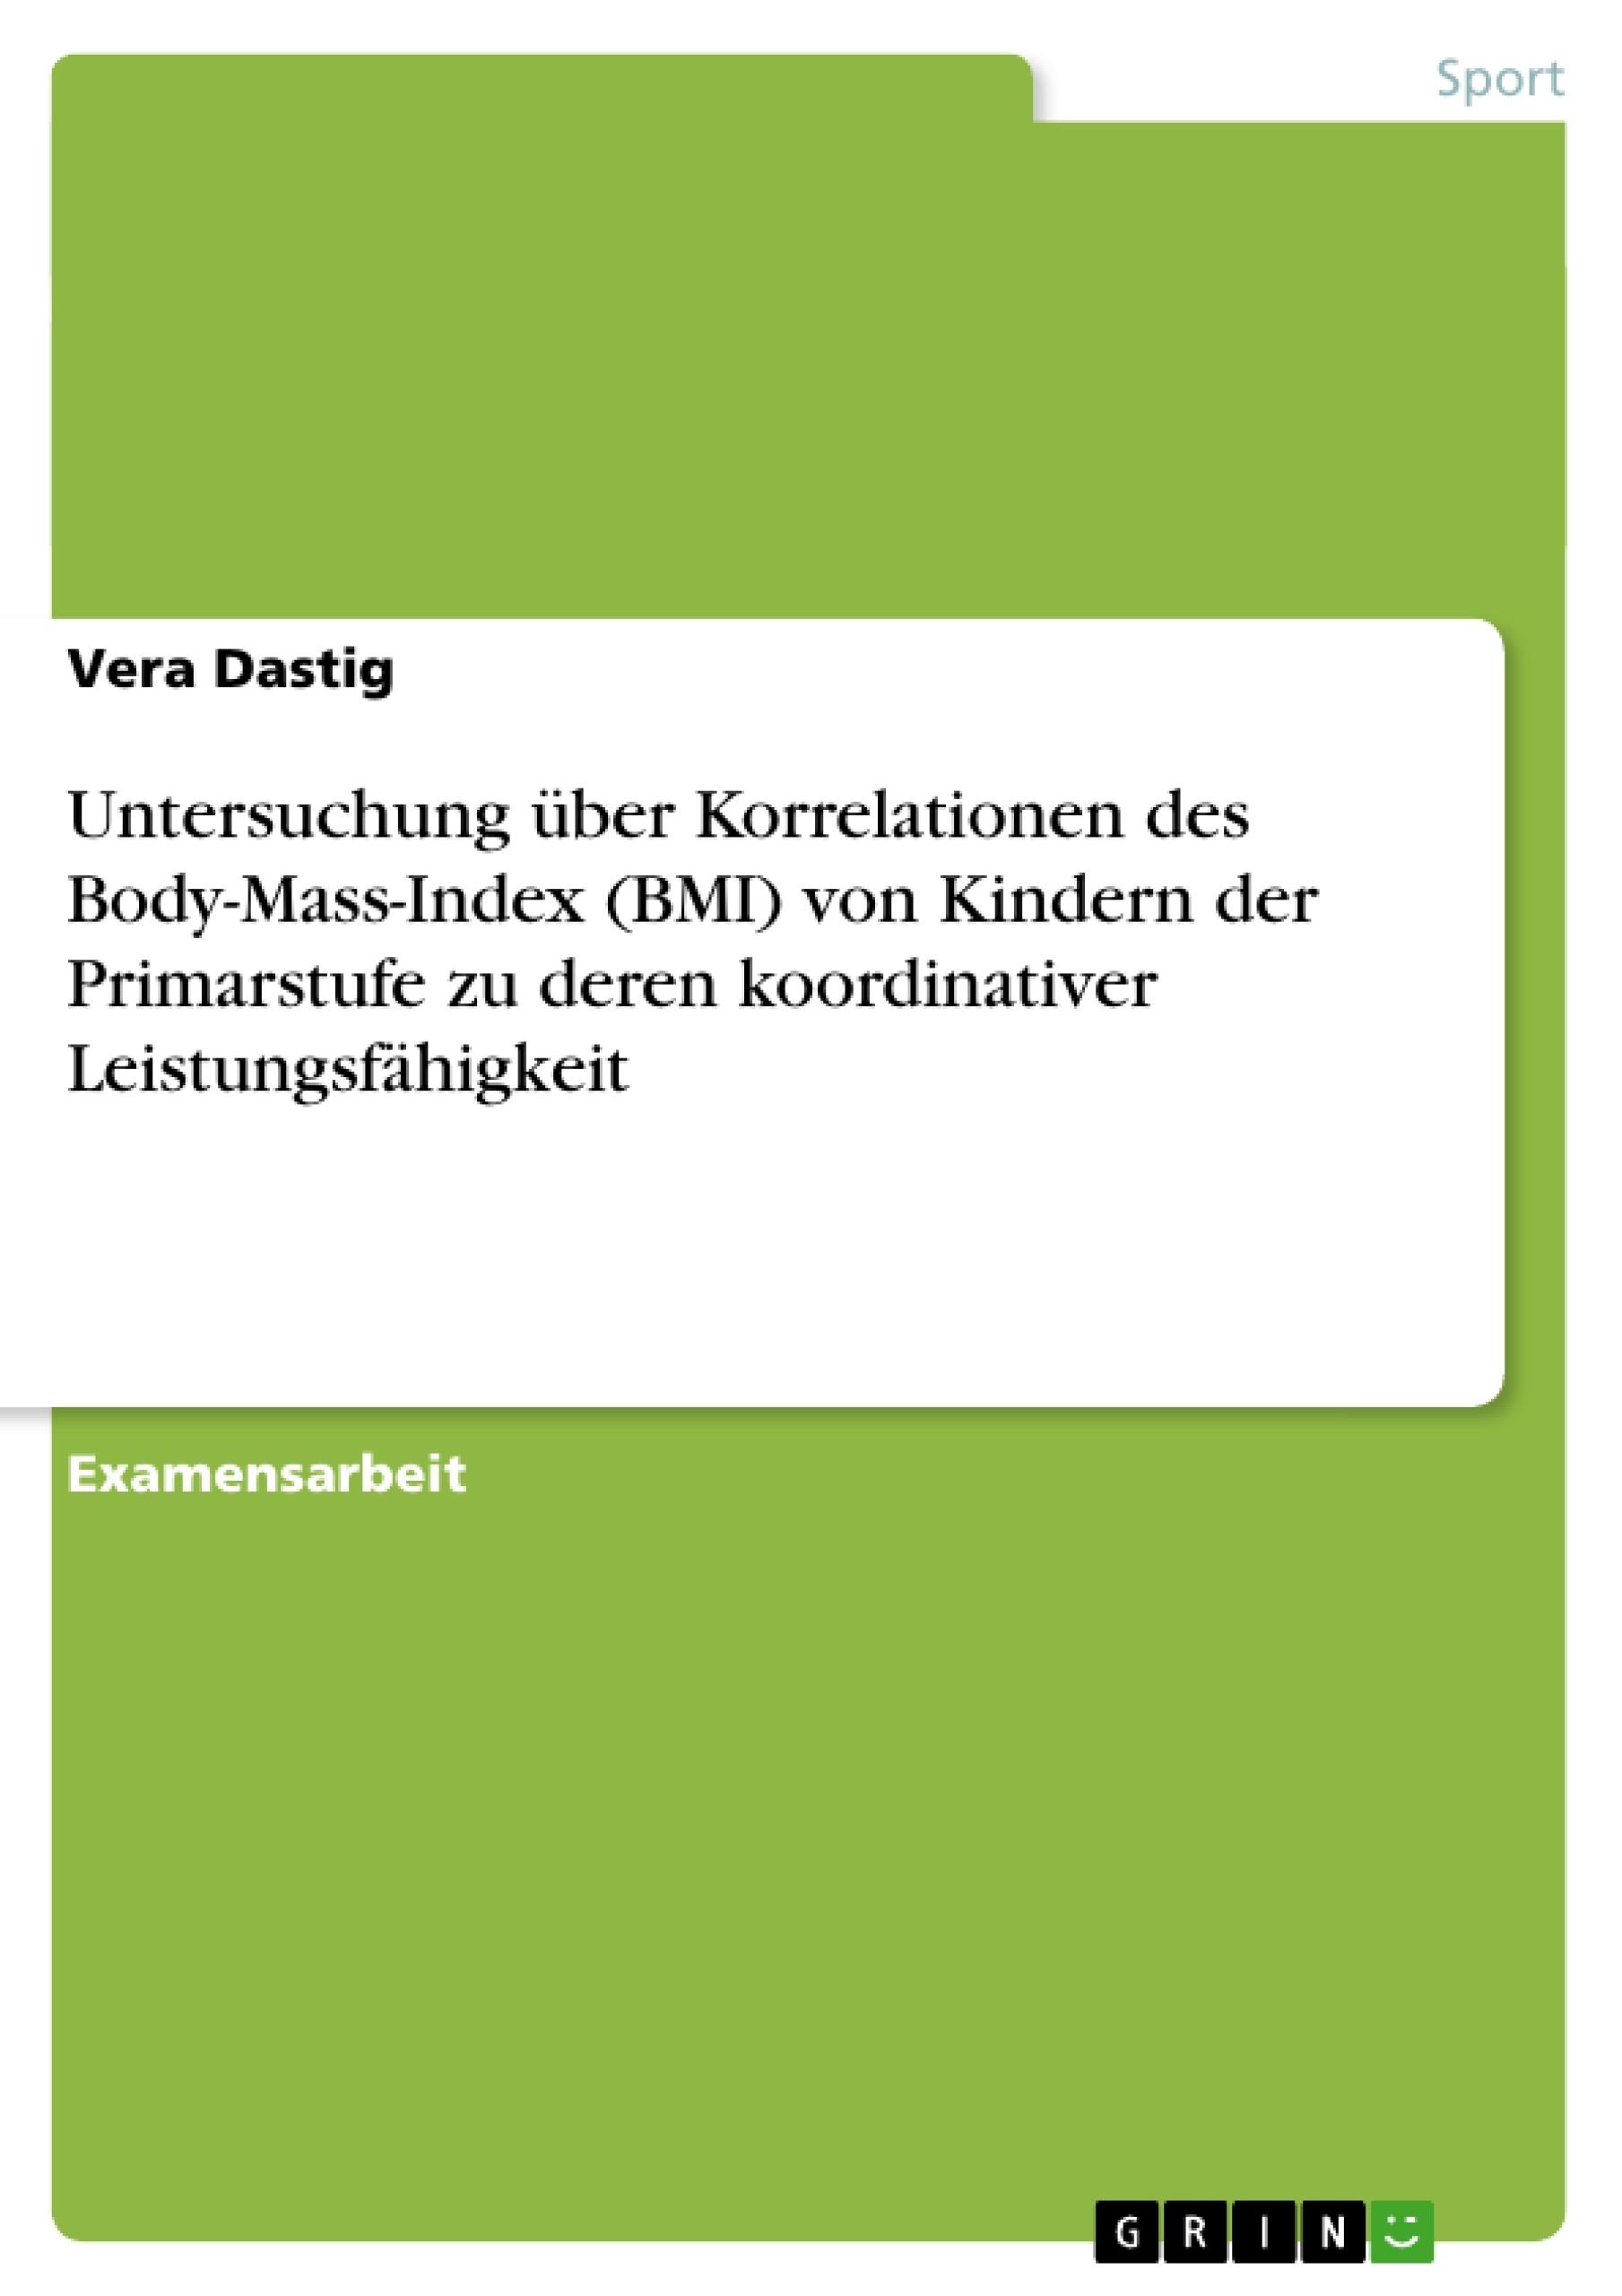 Titel: Untersuchung über Korrelationen des Body-Mass-Index (BMI) von Kindern der Primarstufe zu deren koordinativer Leistungsfähigkeit